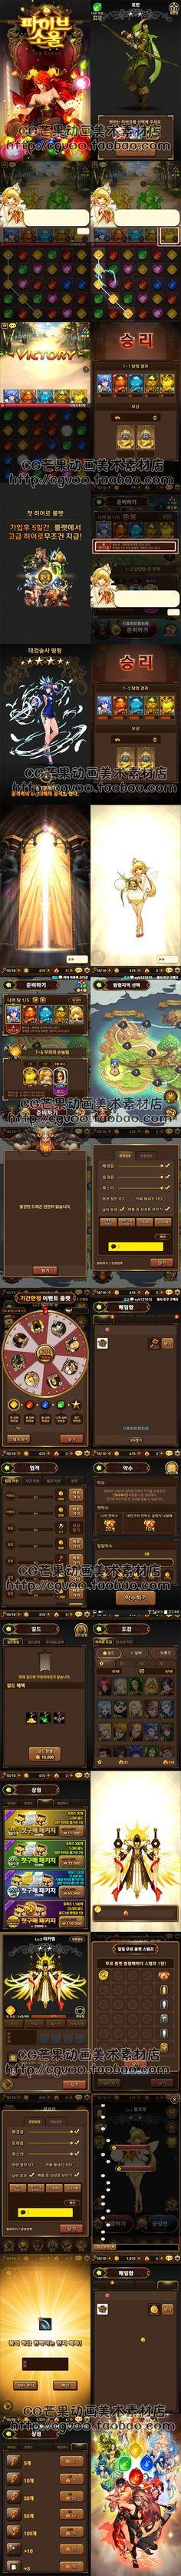 【游戏美术资源】韩国消除类RPG手游《五魂》UI素材/角色 界面/场景音效